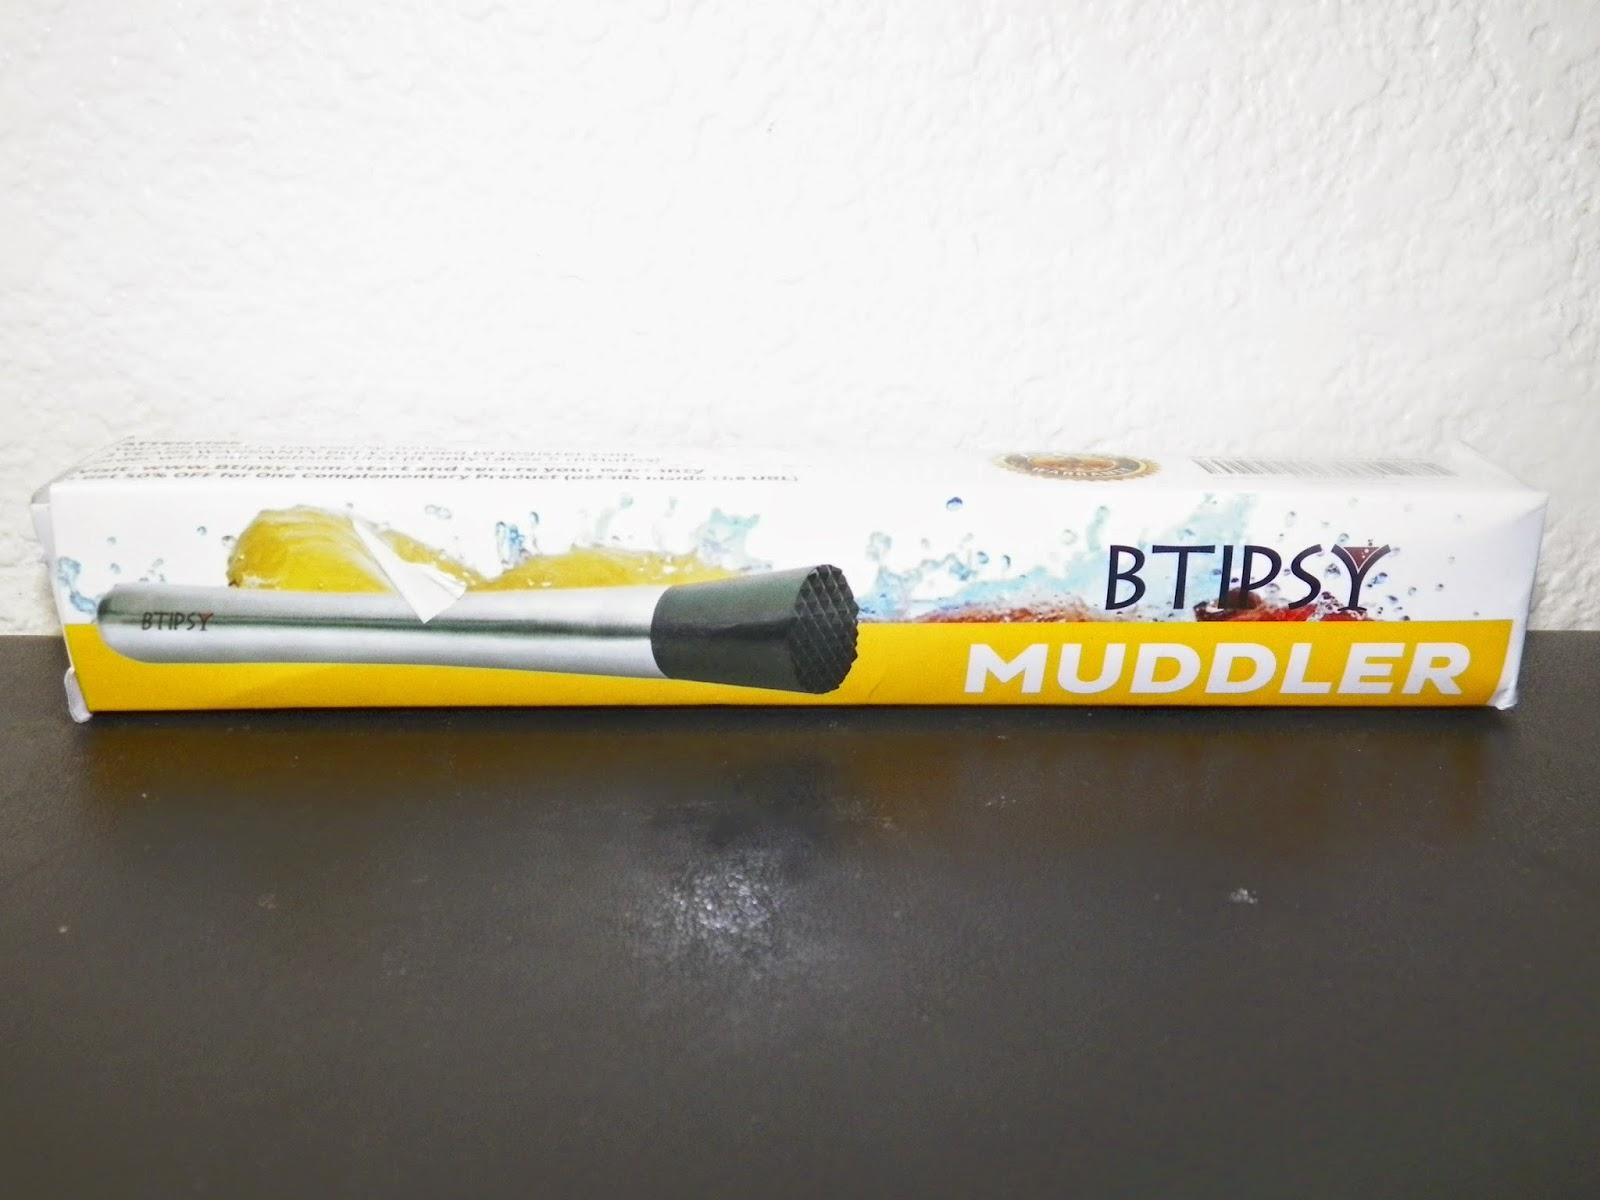 BTipsyCocktailMuddler.jpg